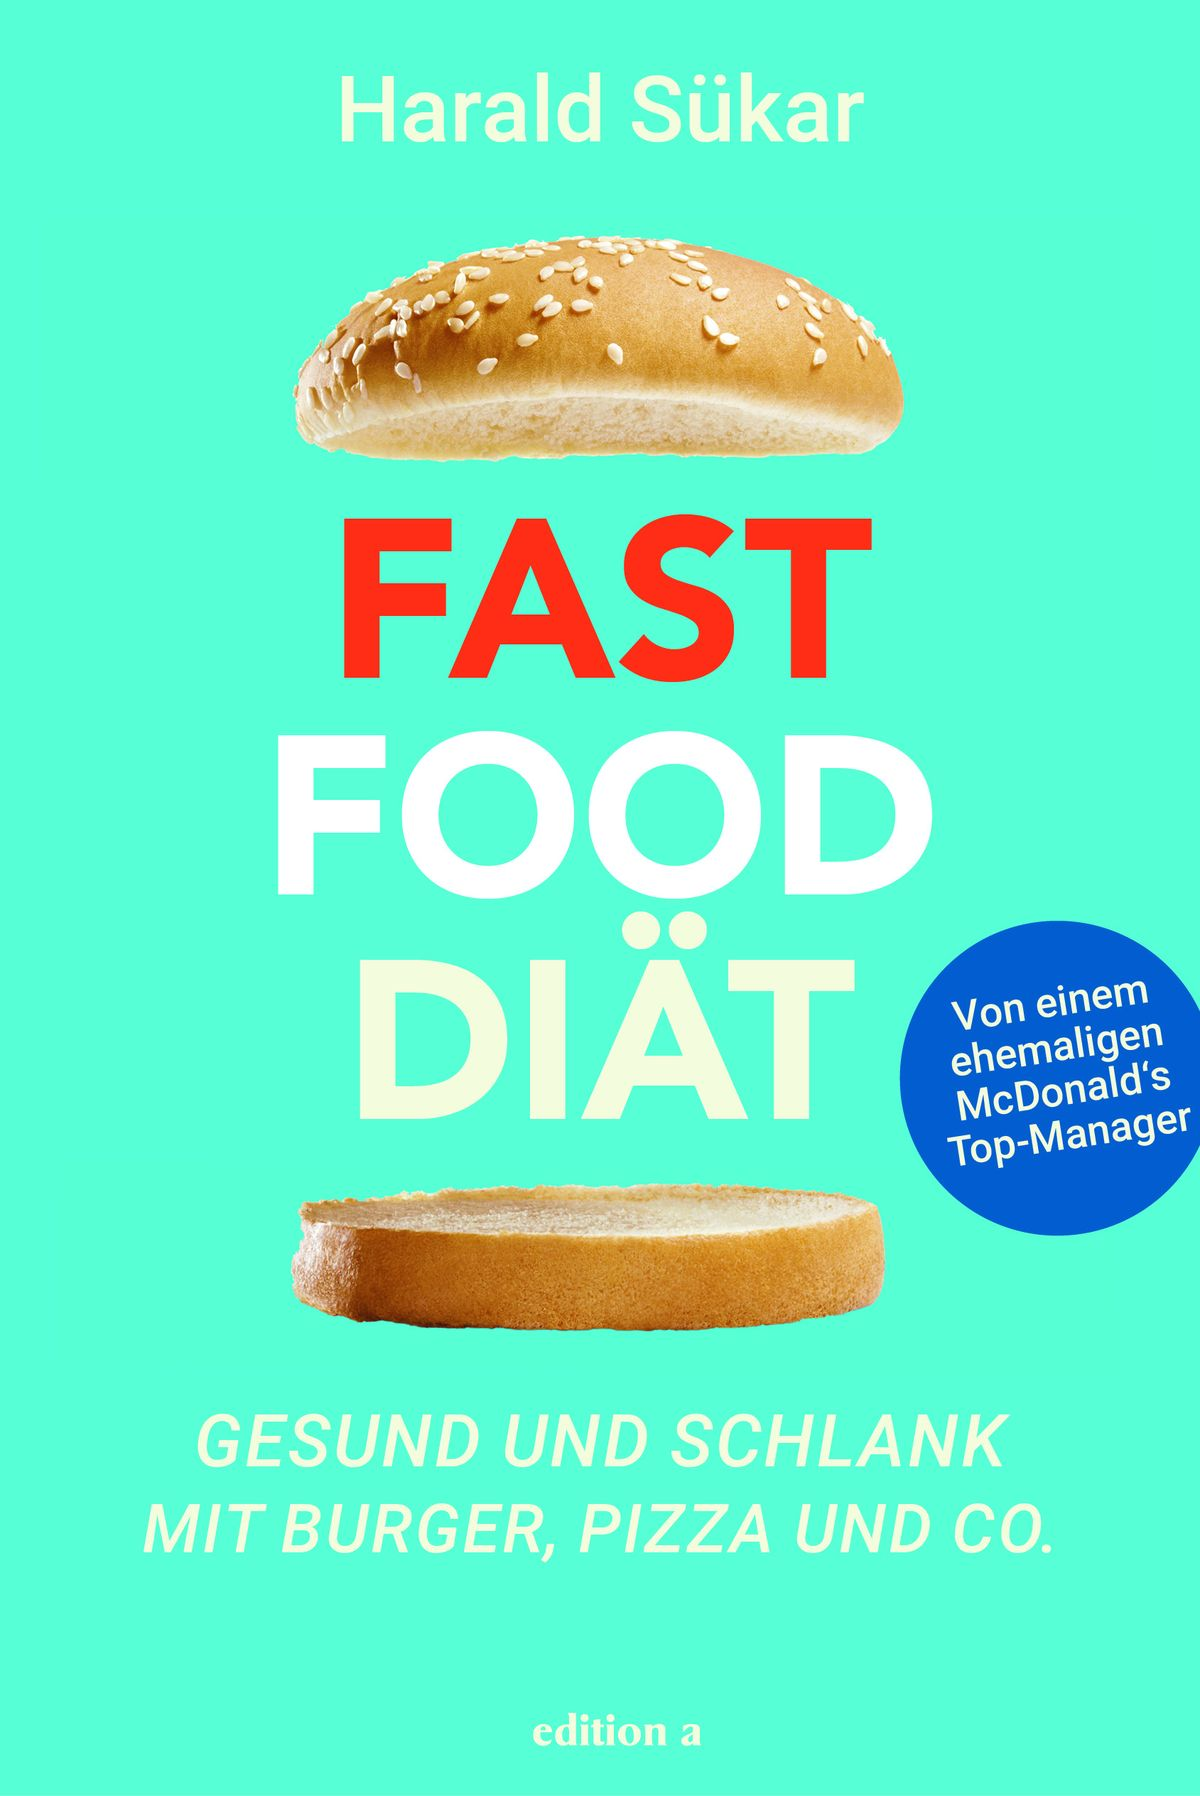 Harald Sükar: Fast Food Diät Gesund und schlank mit Burger, Pizza und Co. ISBN 978-3-990-01483-7